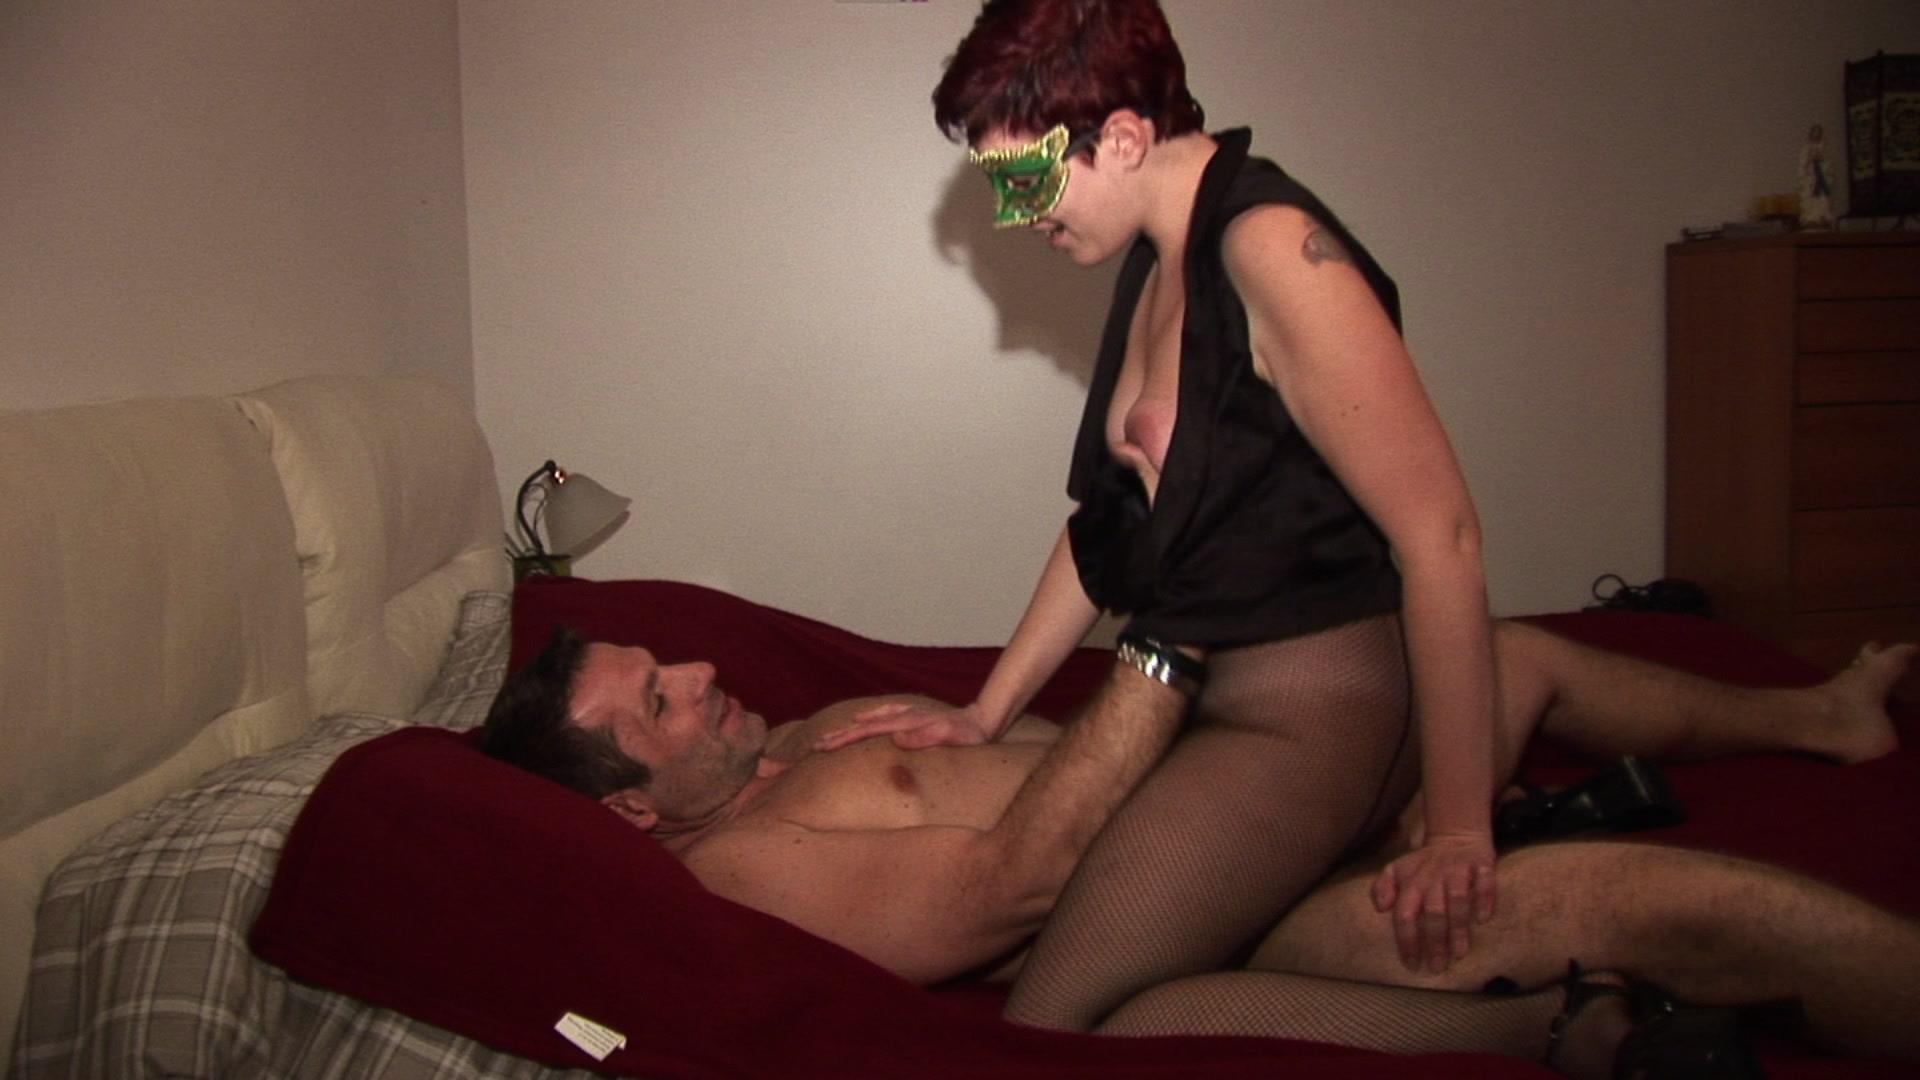 Amater sesso video nero donna sesso tubo